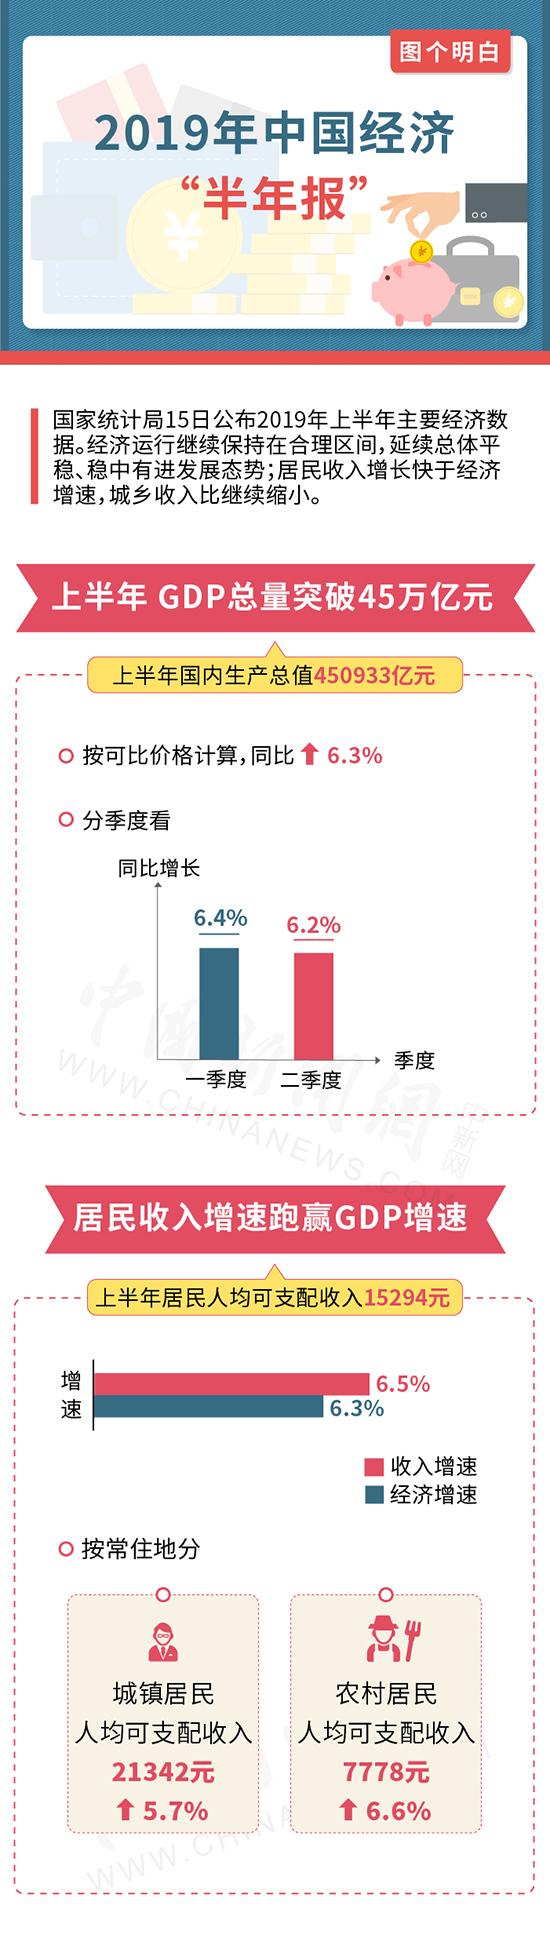 """一图看懂2019年股票资讯中国经济""""半年报"""""""